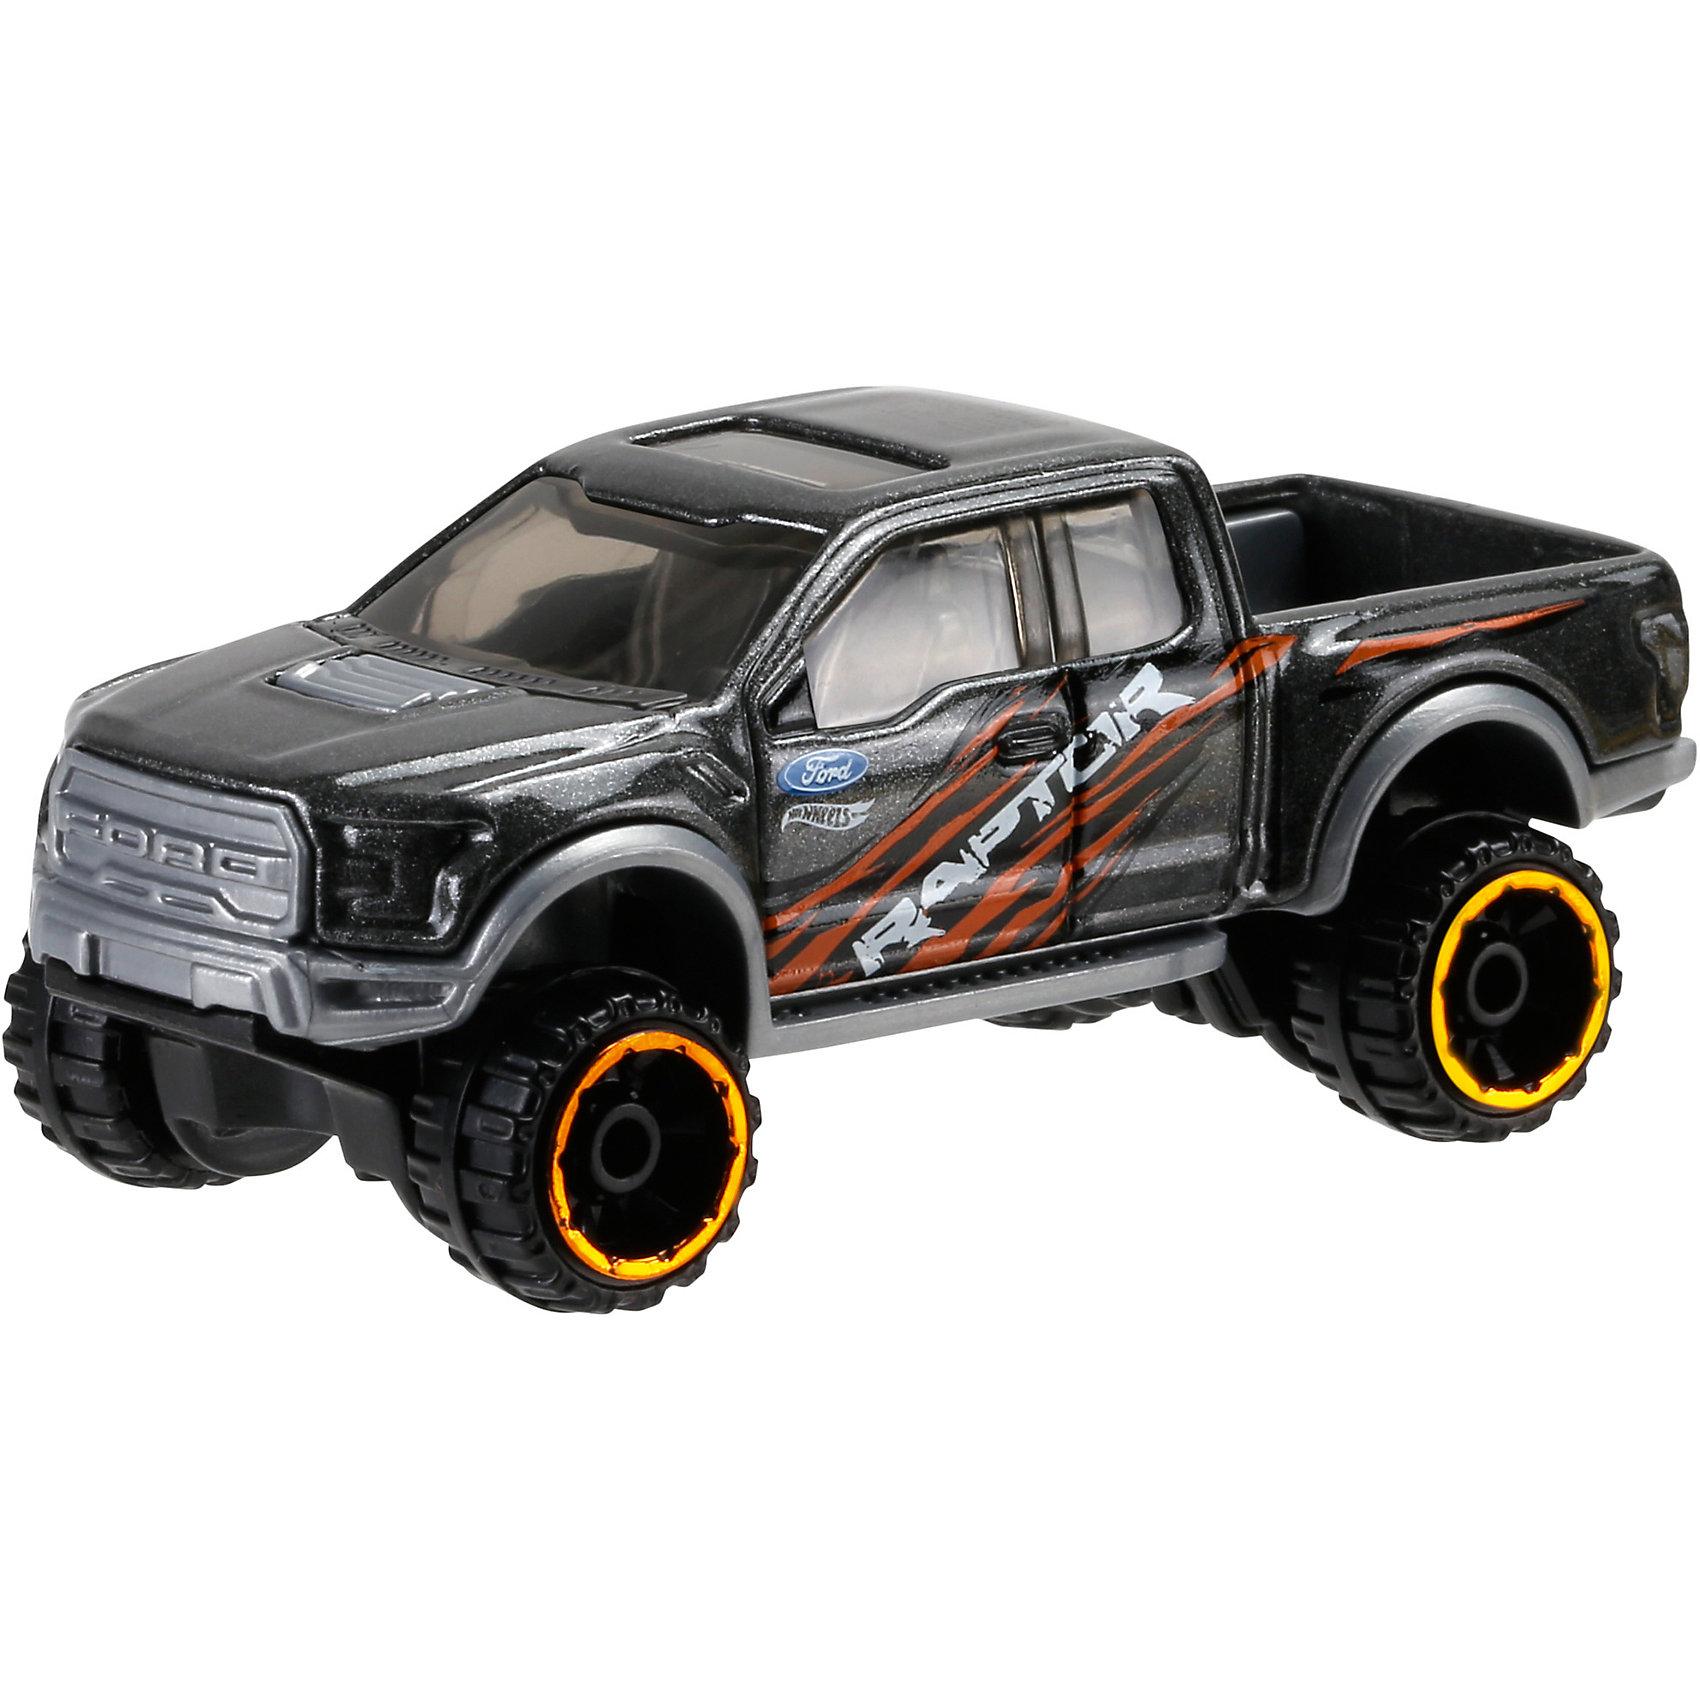 Машинка Hot Wheels из базовой коллекцииМашинка Hot Wheels из базовой коллекции – высококачественная масштабная модель машины, имеющая неординарный, радикальный дизайн. <br><br>В упаковке 1 машинка,  машинки тематически обусловлены от фантазийных, спасательных до экстремальных и просто скоростных машин. <br><br>Соберите свою коллекцию машинок Hot Wheels!<br><br>Дополнительная информация: <br><br>Машинка стандартного размера Hot Wheels<br>Размер упаковки: 11 х 10,5 х 3,5 см<br><br>Ширина мм: 110<br>Глубина мм: 45<br>Высота мм: 110<br>Вес г: 30<br>Возраст от месяцев: 36<br>Возраст до месяцев: 96<br>Пол: Мужской<br>Возраст: Детский<br>SKU: 4901475